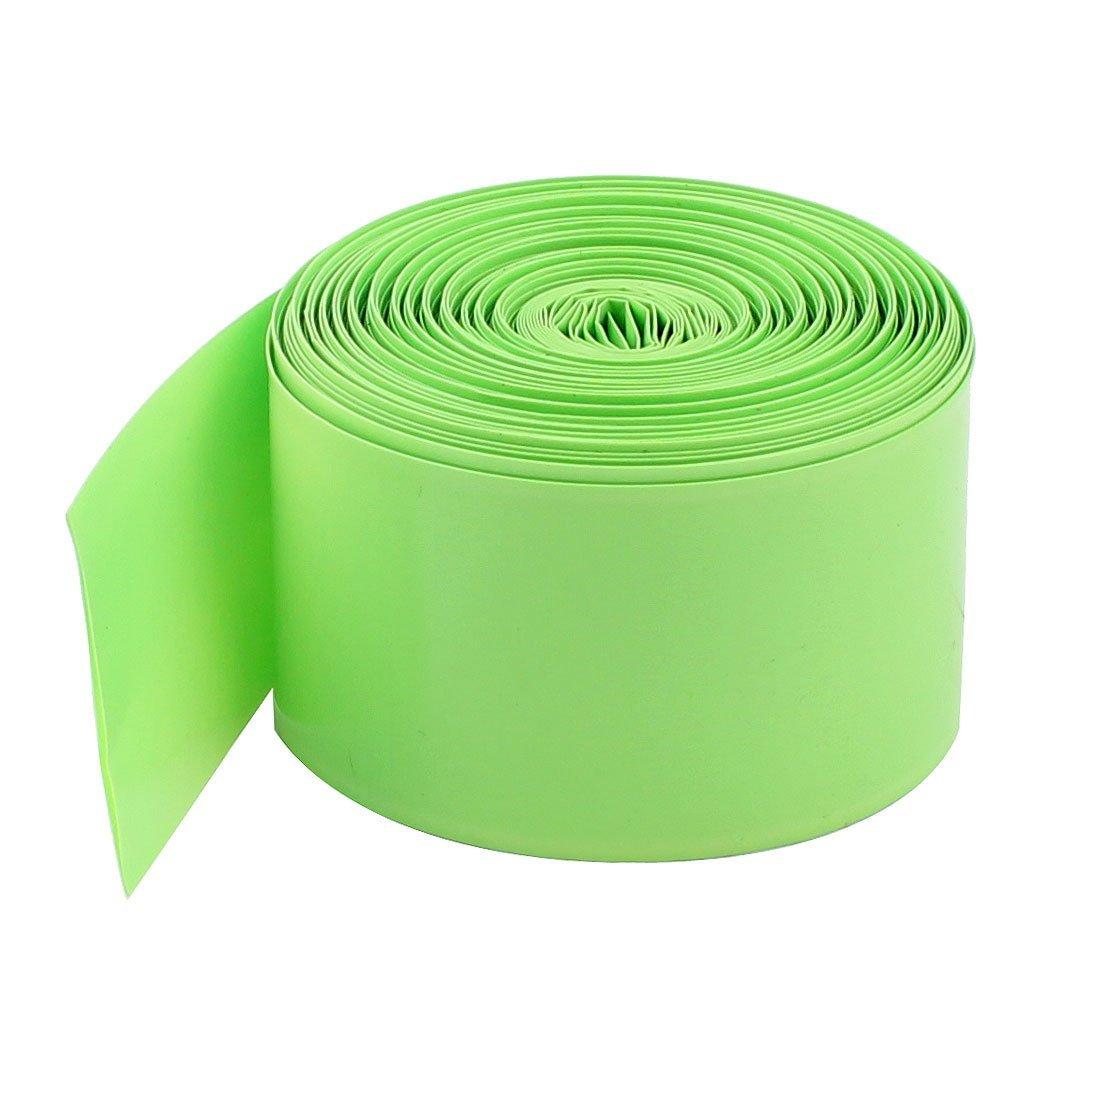 Cnim HOT 10 м 29.5 мм ПВХ термоусадочные трубки Обёрточная бумага для 1×18650 Батарея светло-зеленый